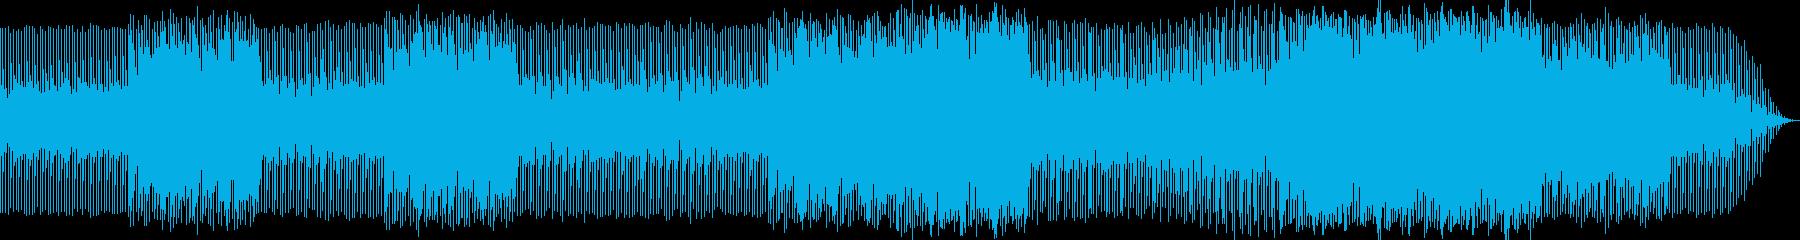 破滅に向かう雰囲気のエレクトロニカの再生済みの波形